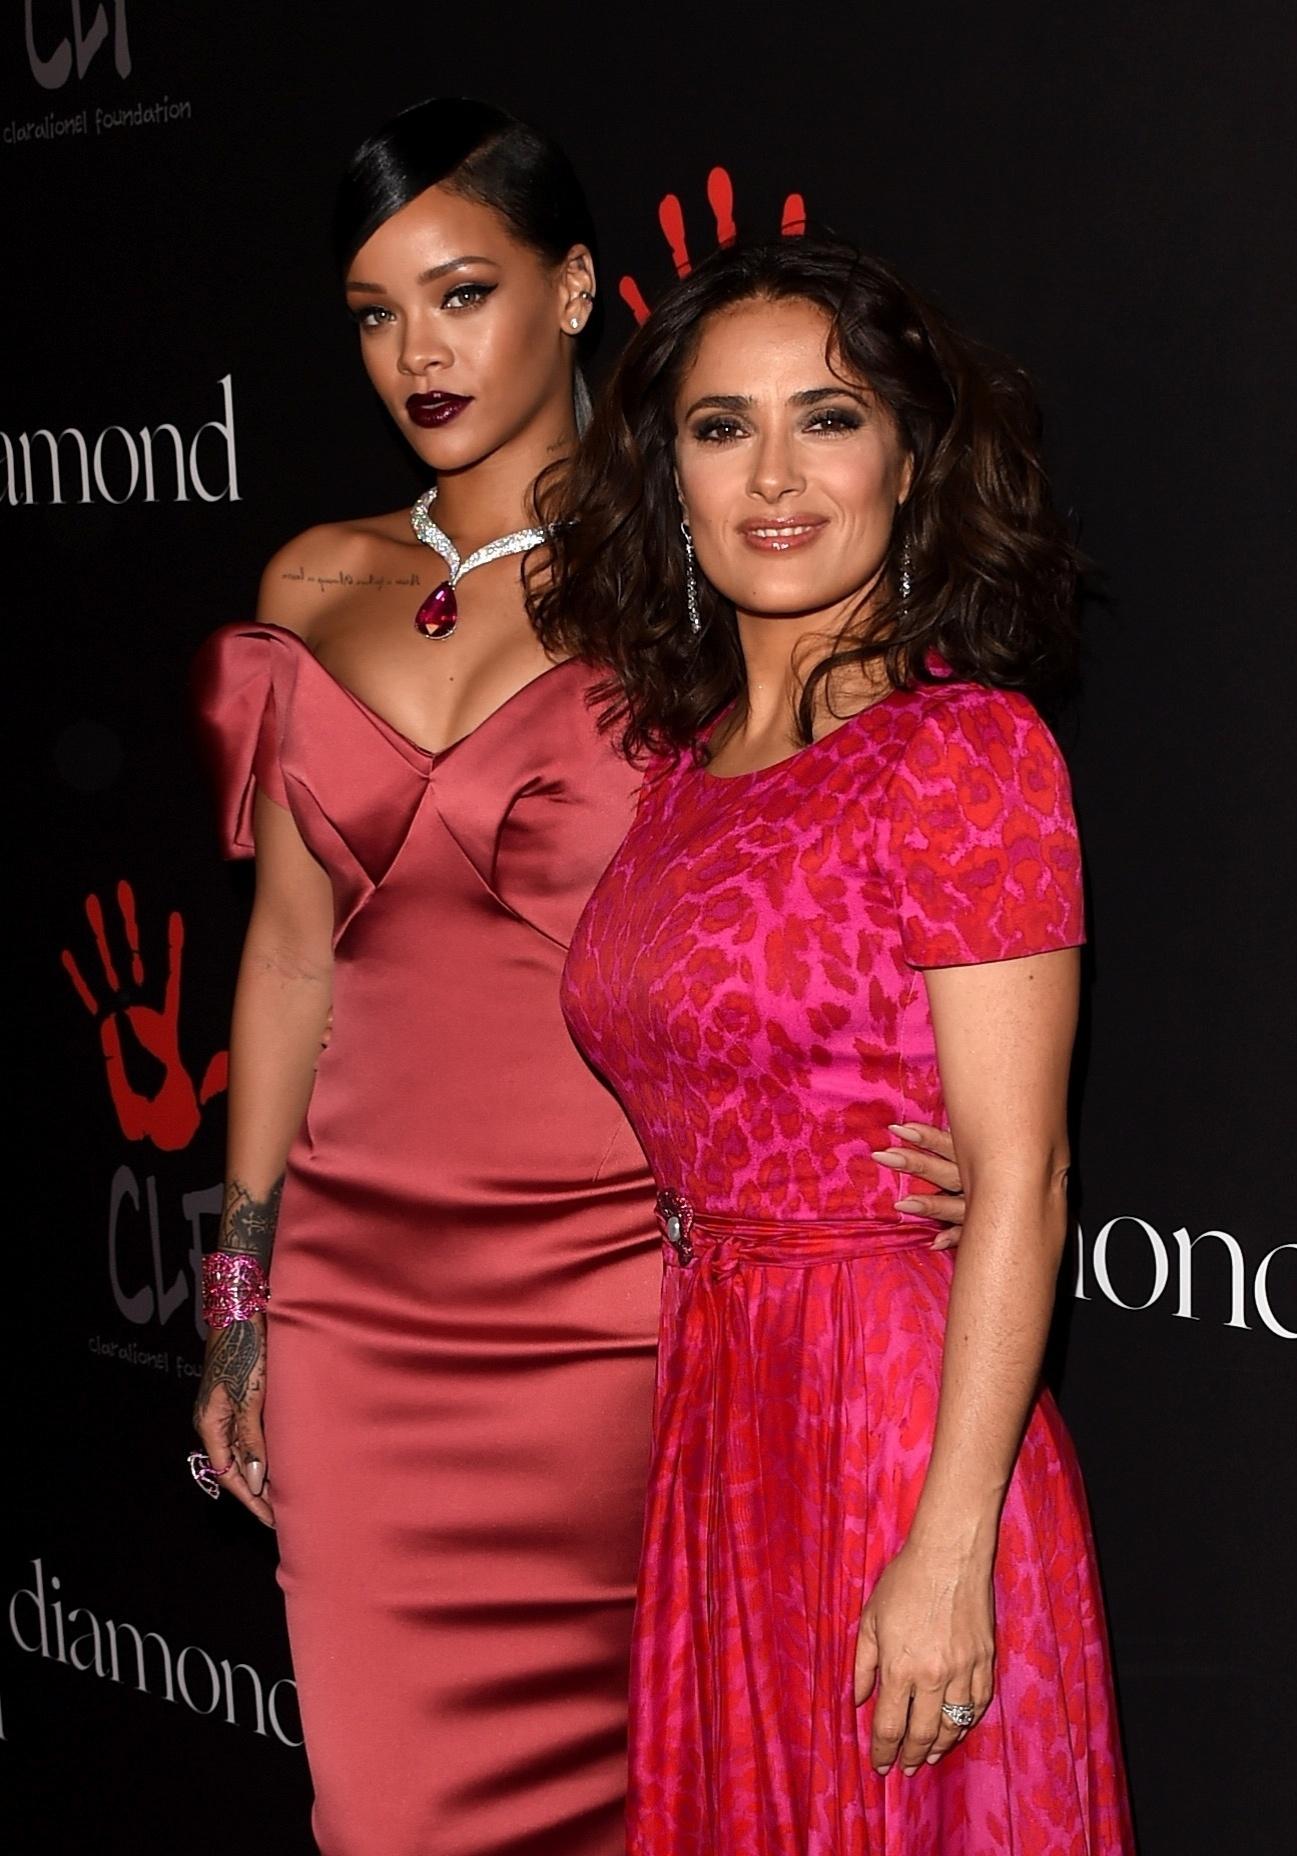 11.dez.2014 - Rihanna e a atriz Salma Hayek posam na chegada do baile beneficente da cantora, o Diamond Ball. O evento aconteceu em Beverly Hills, na Califórnia